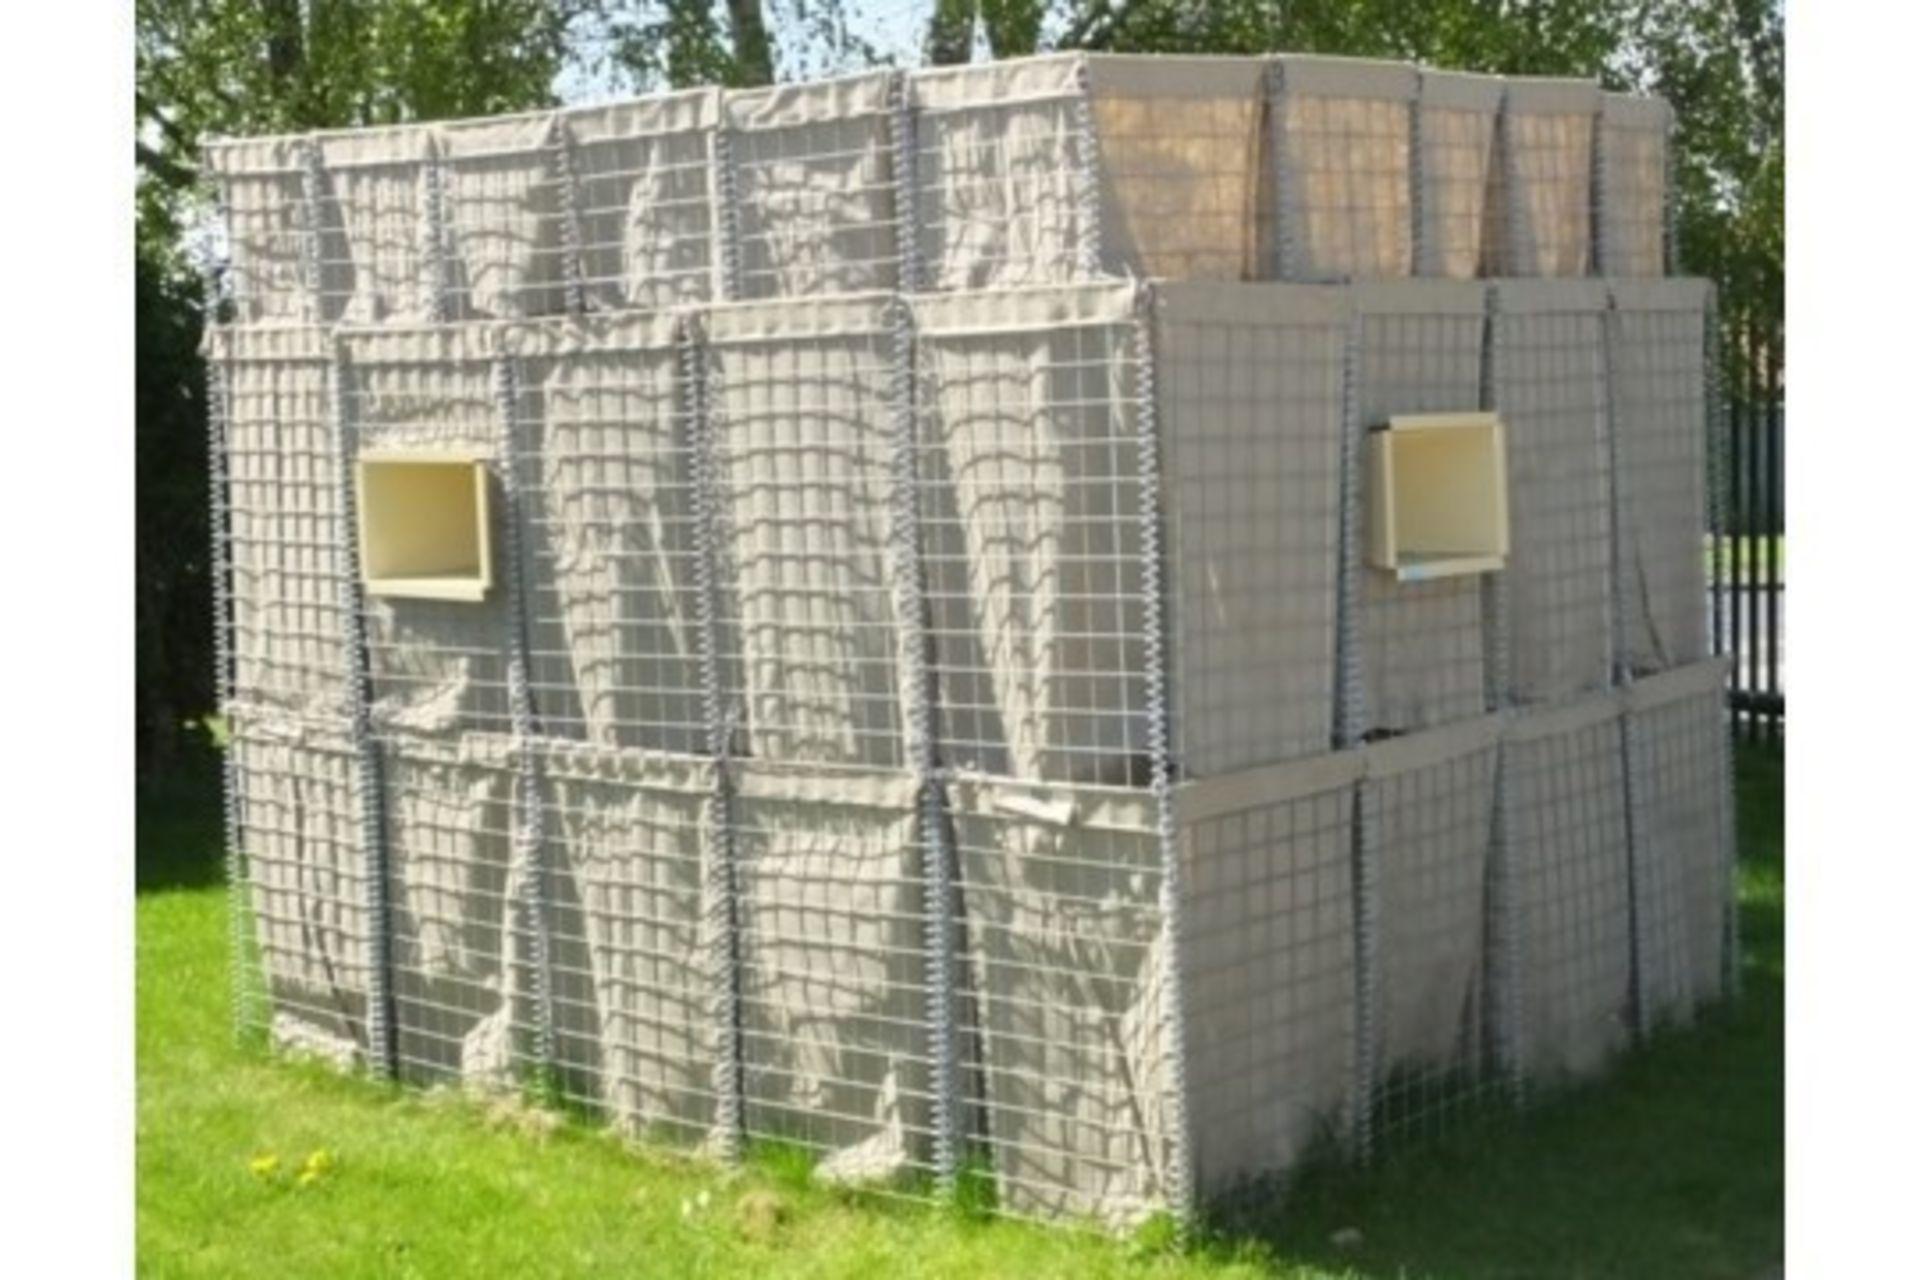 Lot 26824 - Hesco Bastion Sangar (Guard Post Kit)